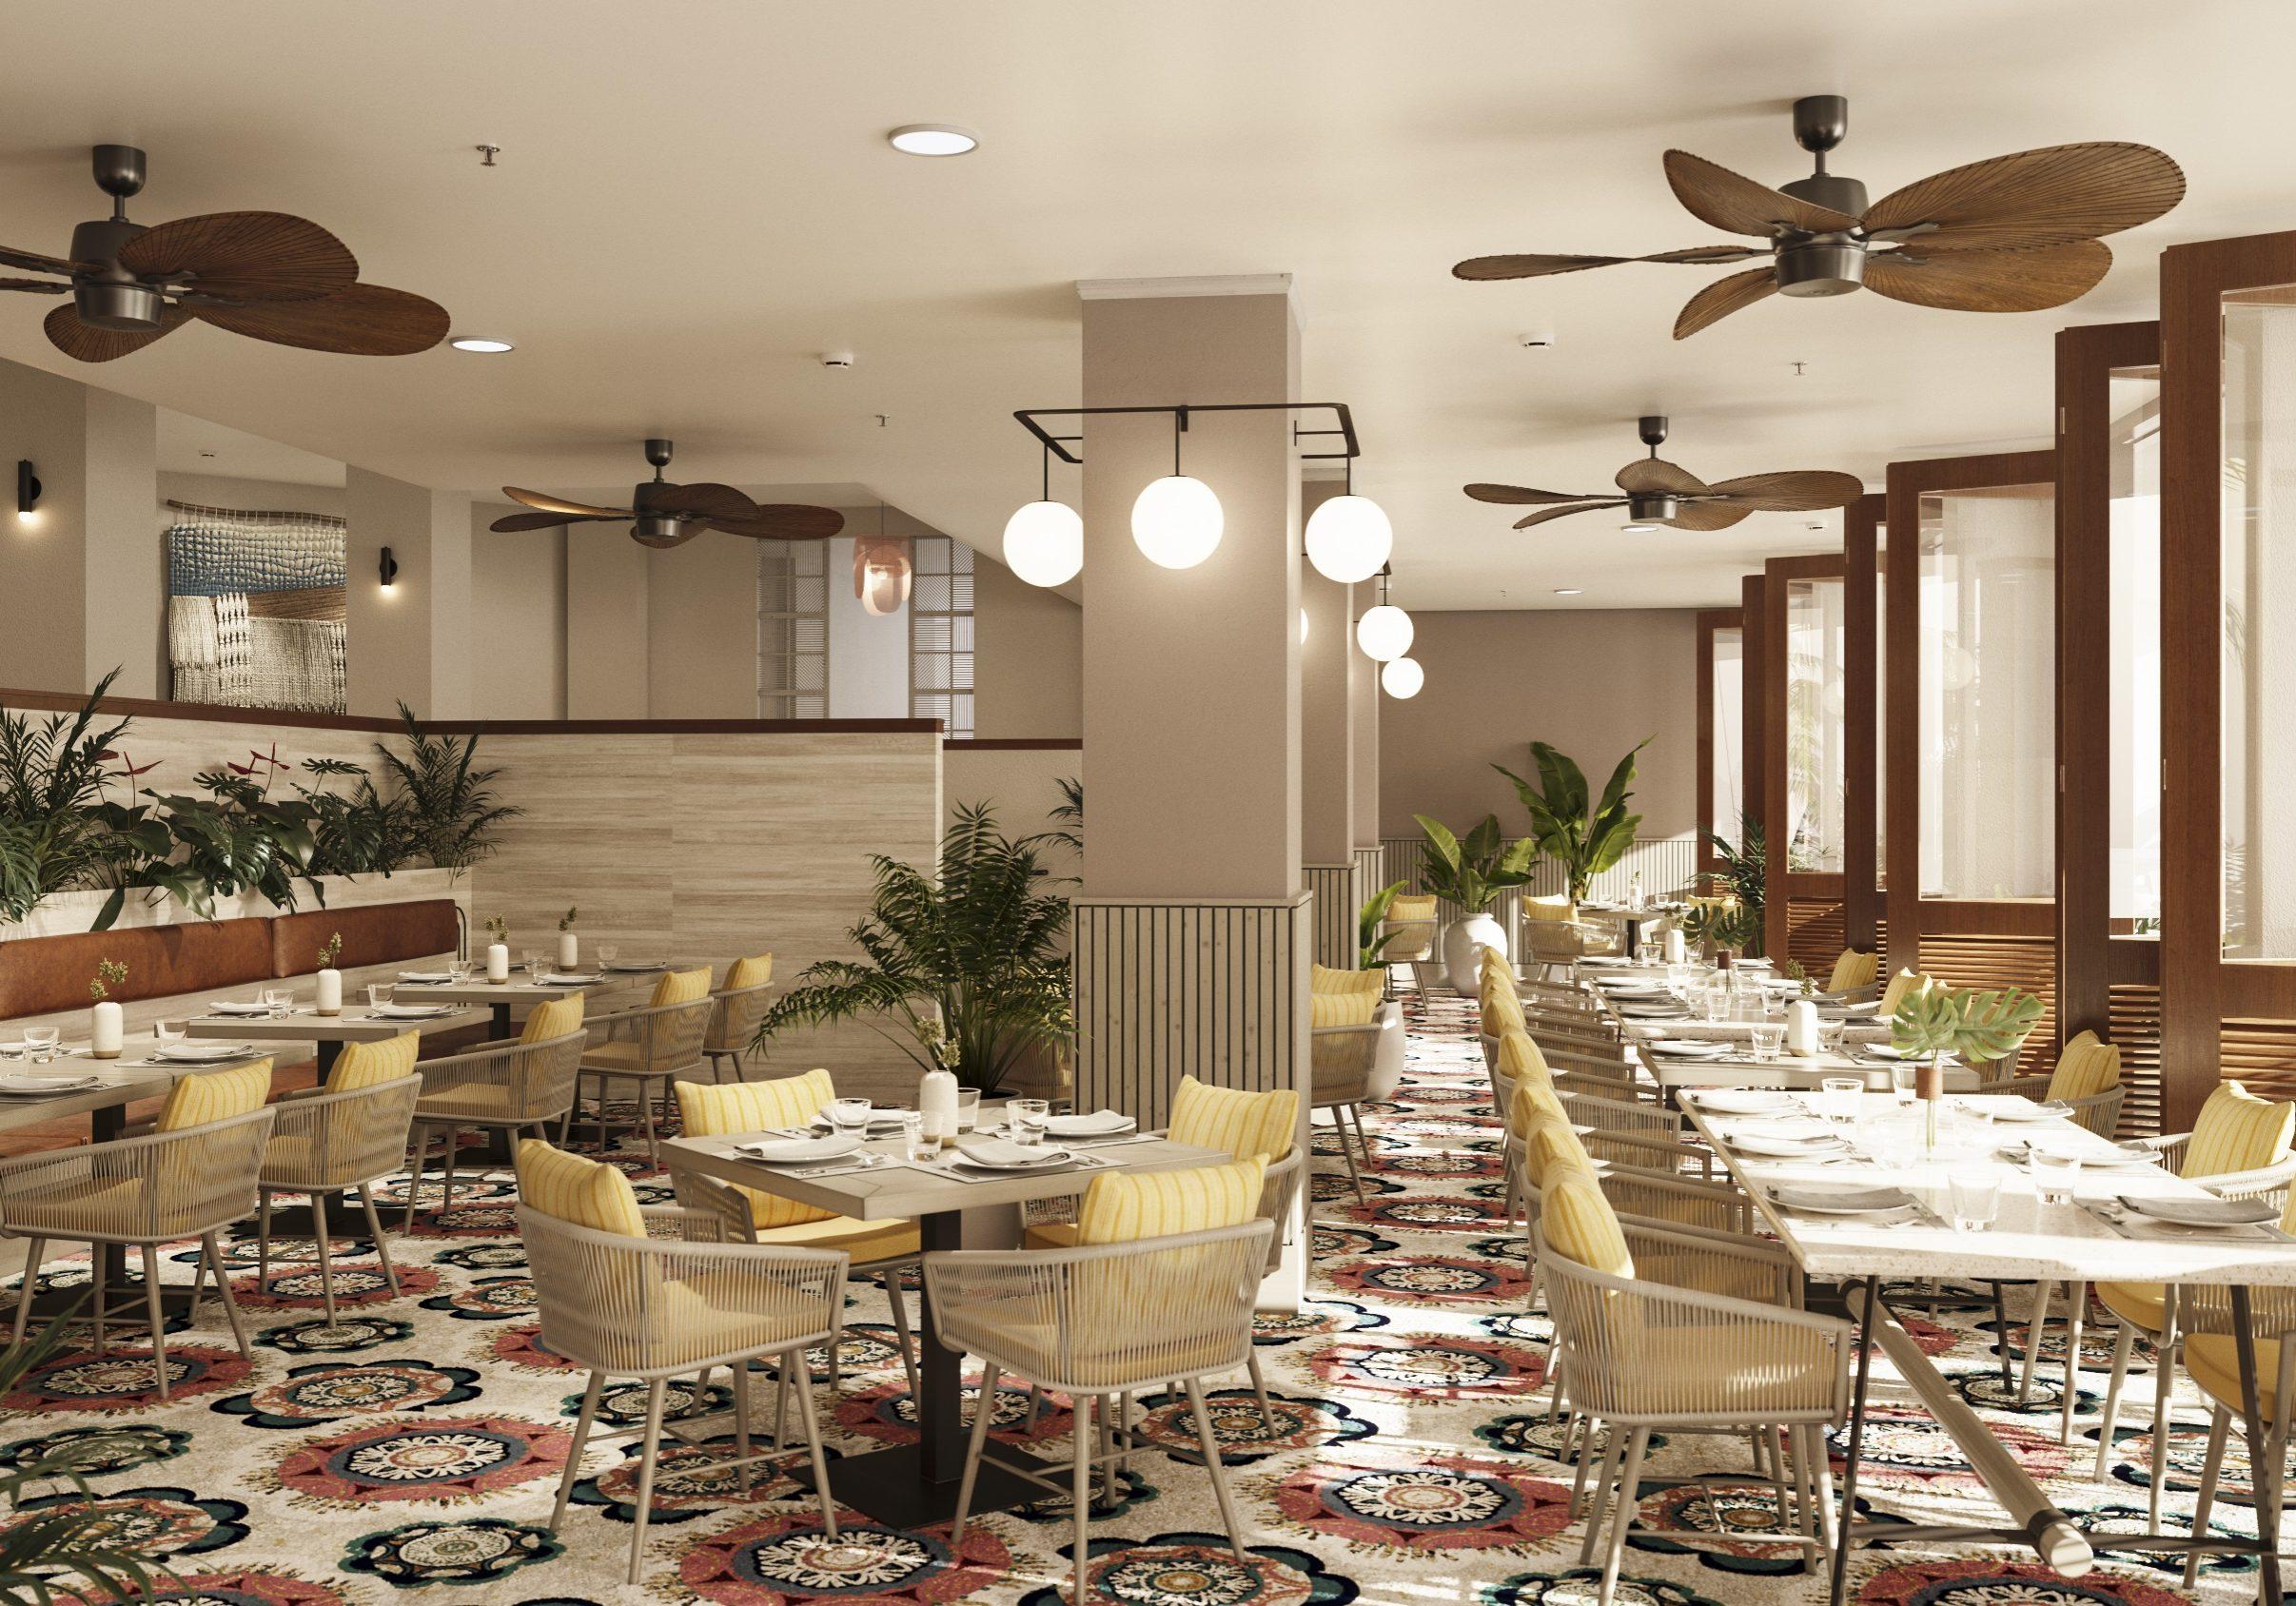 Courtyard.Restaurant